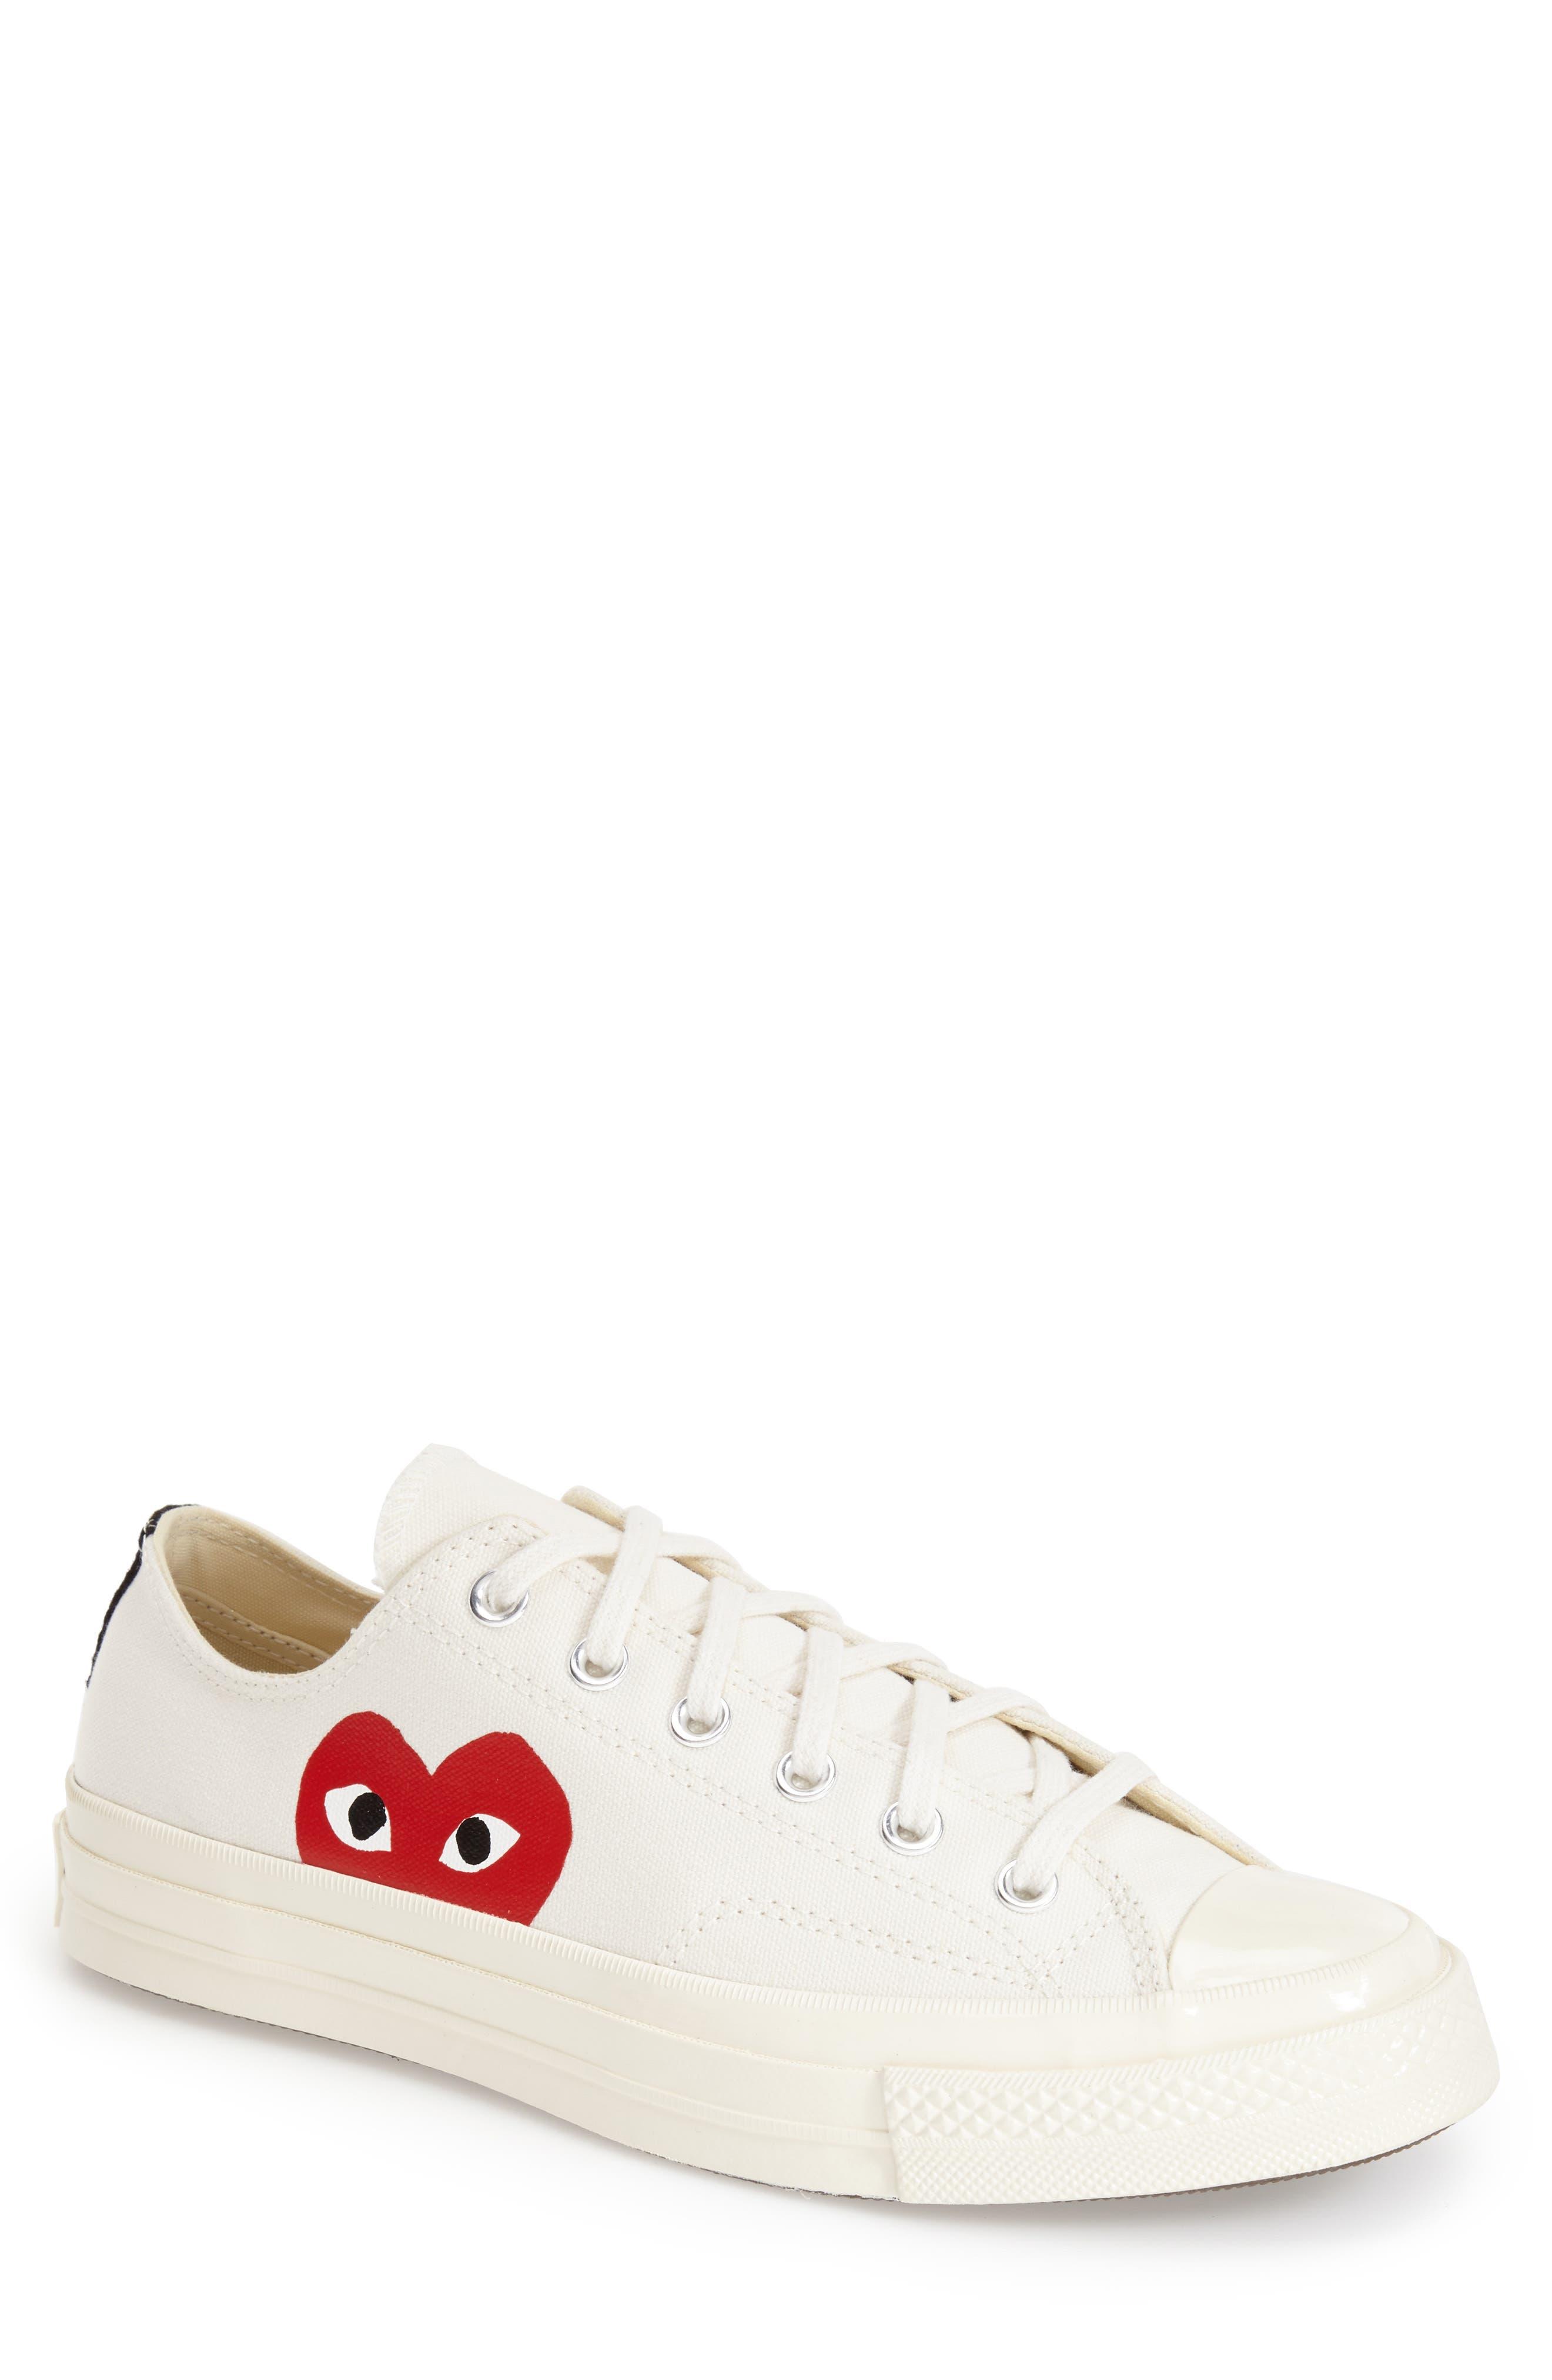 Main Image - Comme des Garçons PLAY x Converse Chuck Taylor® Hidden Heart Low Top Sneaker (Women)